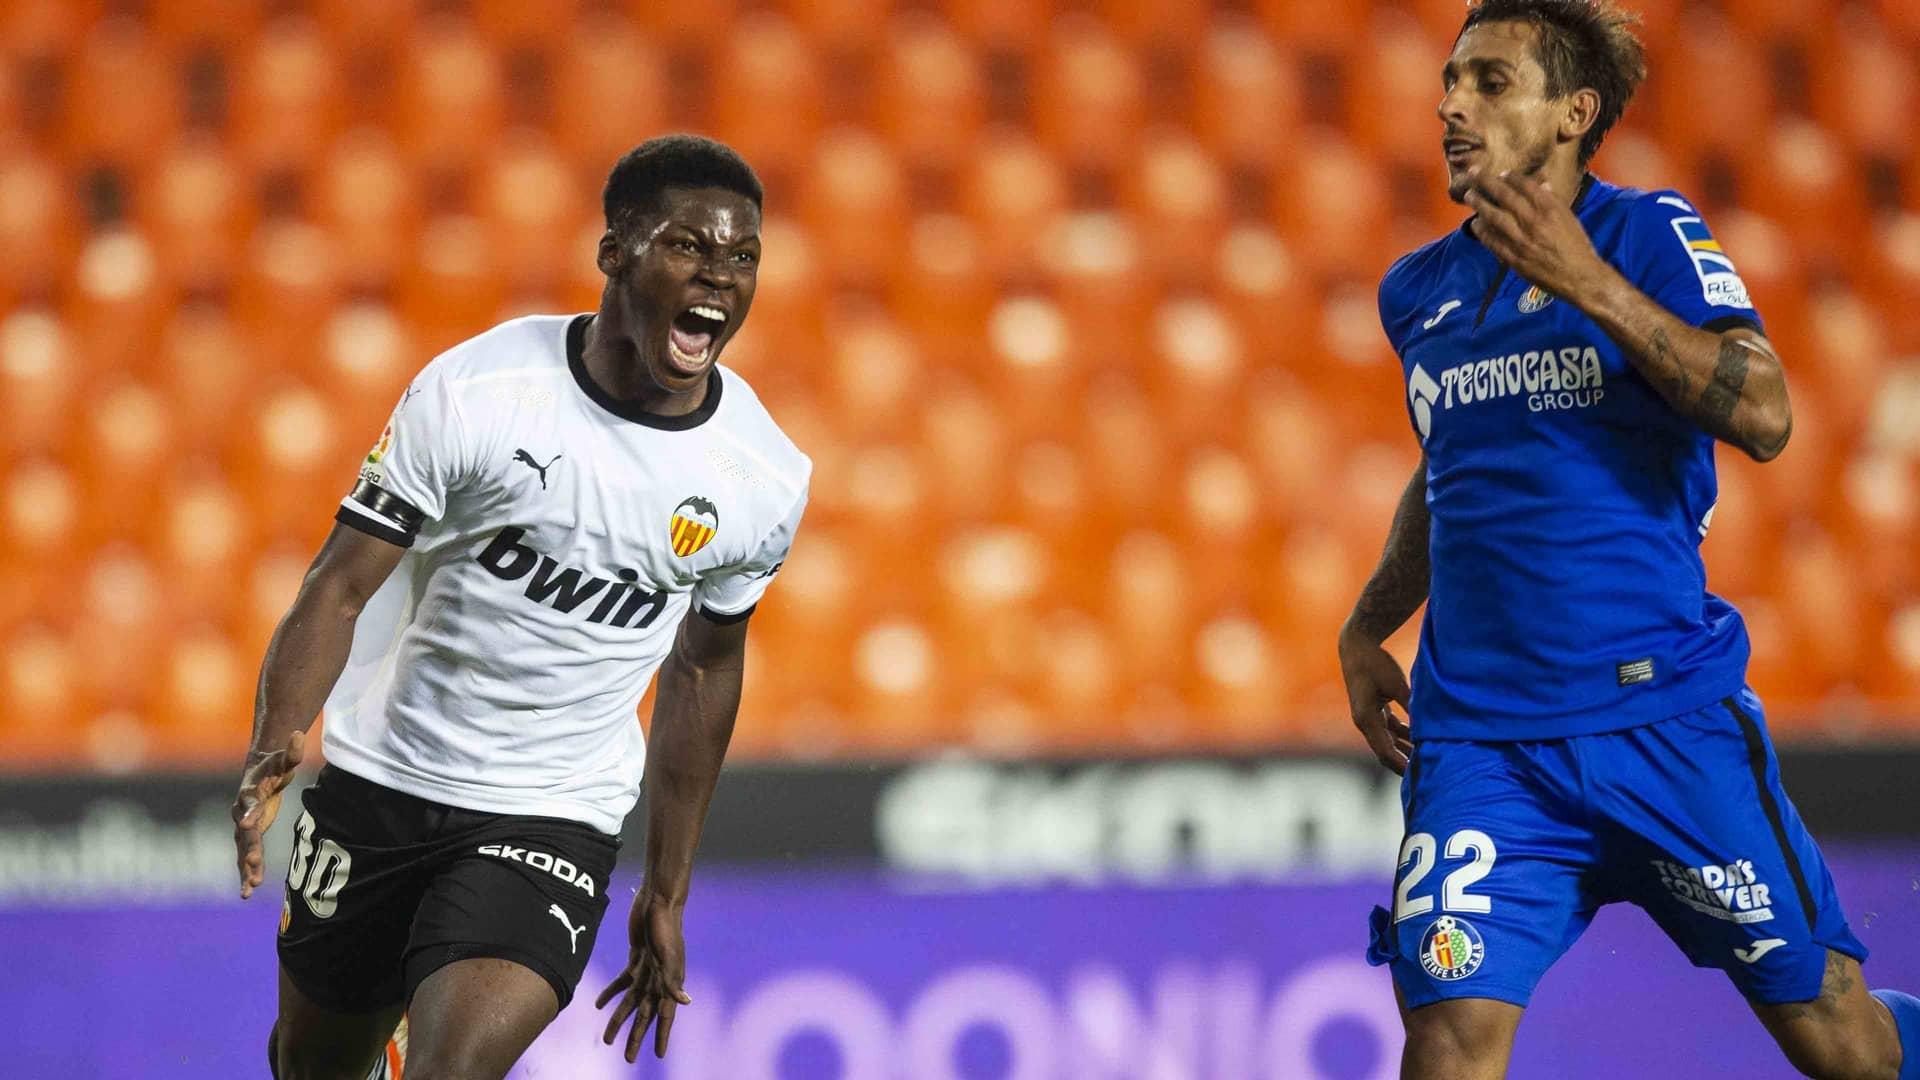 01.11.2020: Valencia CF 2 - 2 Getafe CF